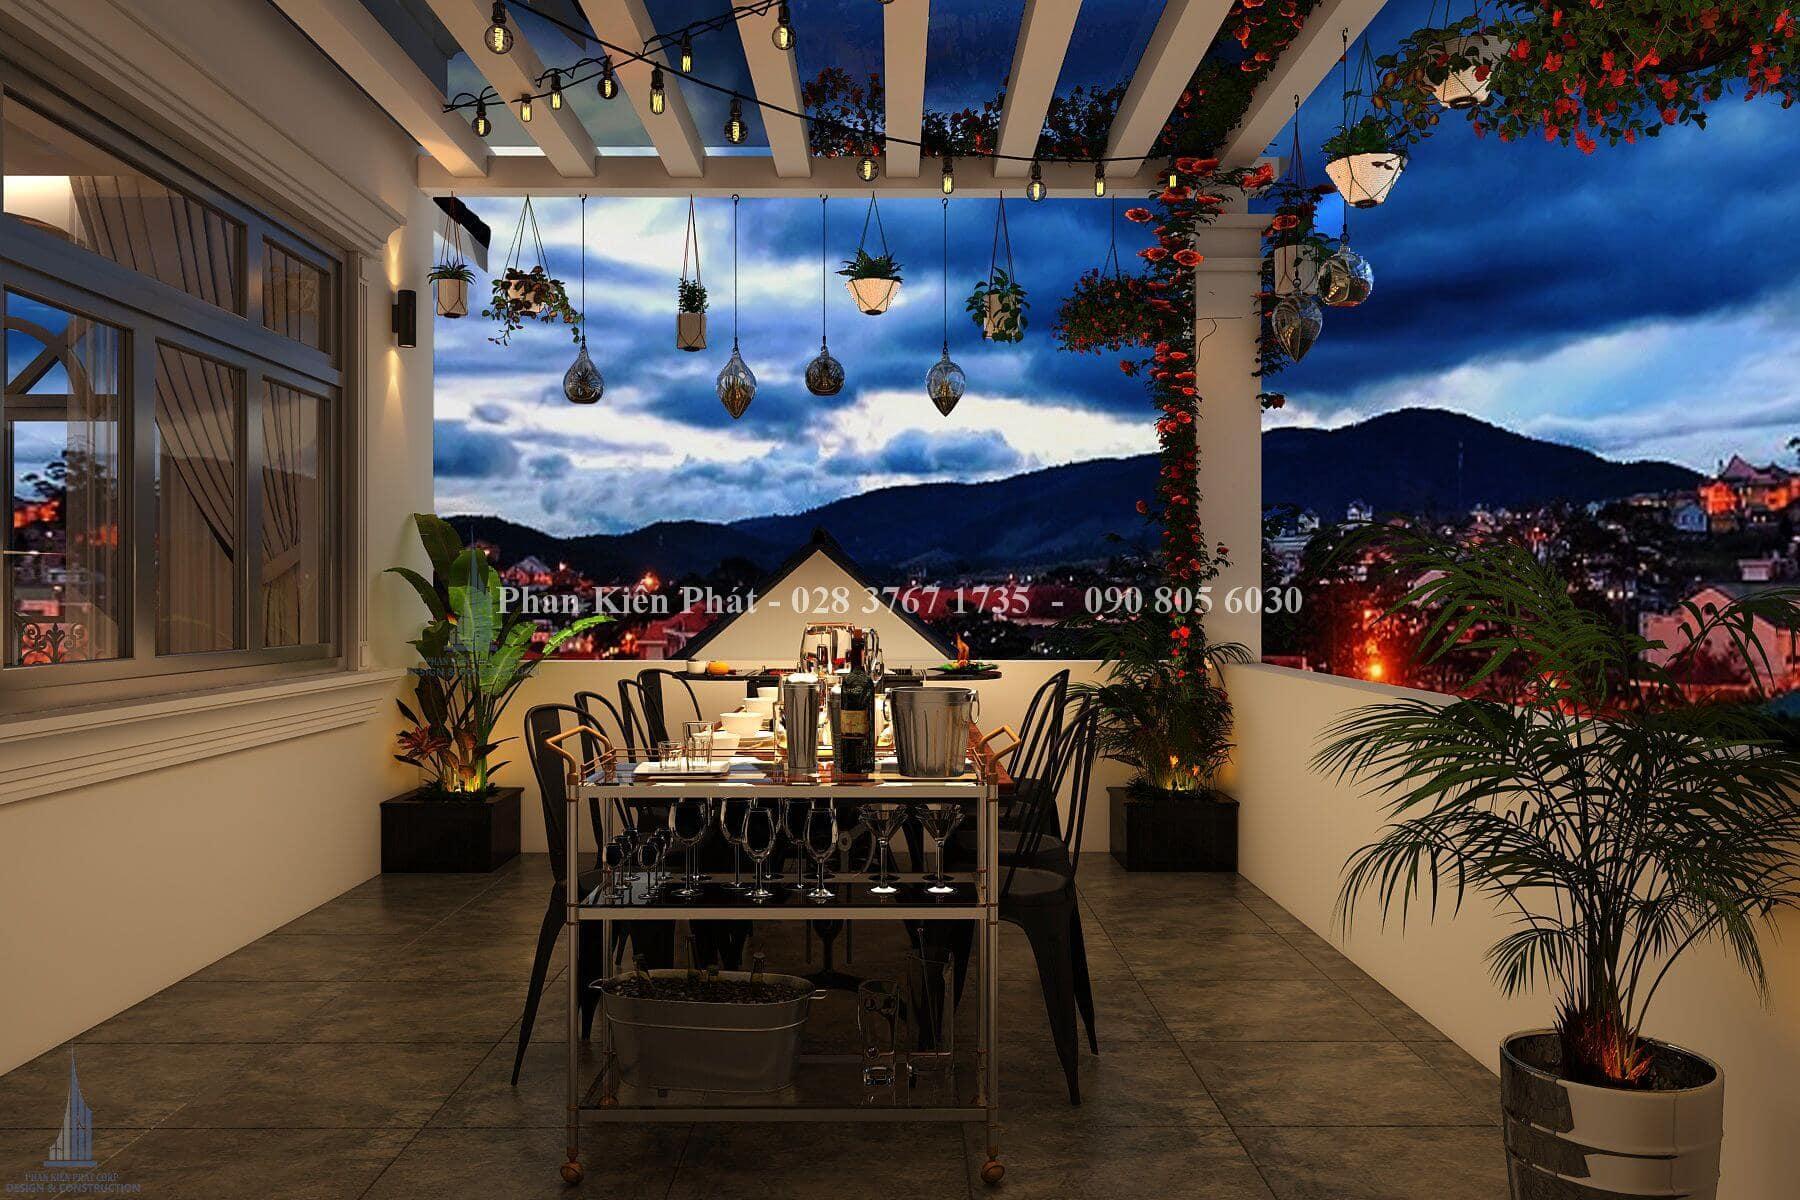 Thiet Ke Noi That Phong Tho View 2 - mẫu biệt thự 3 tầng mái thái